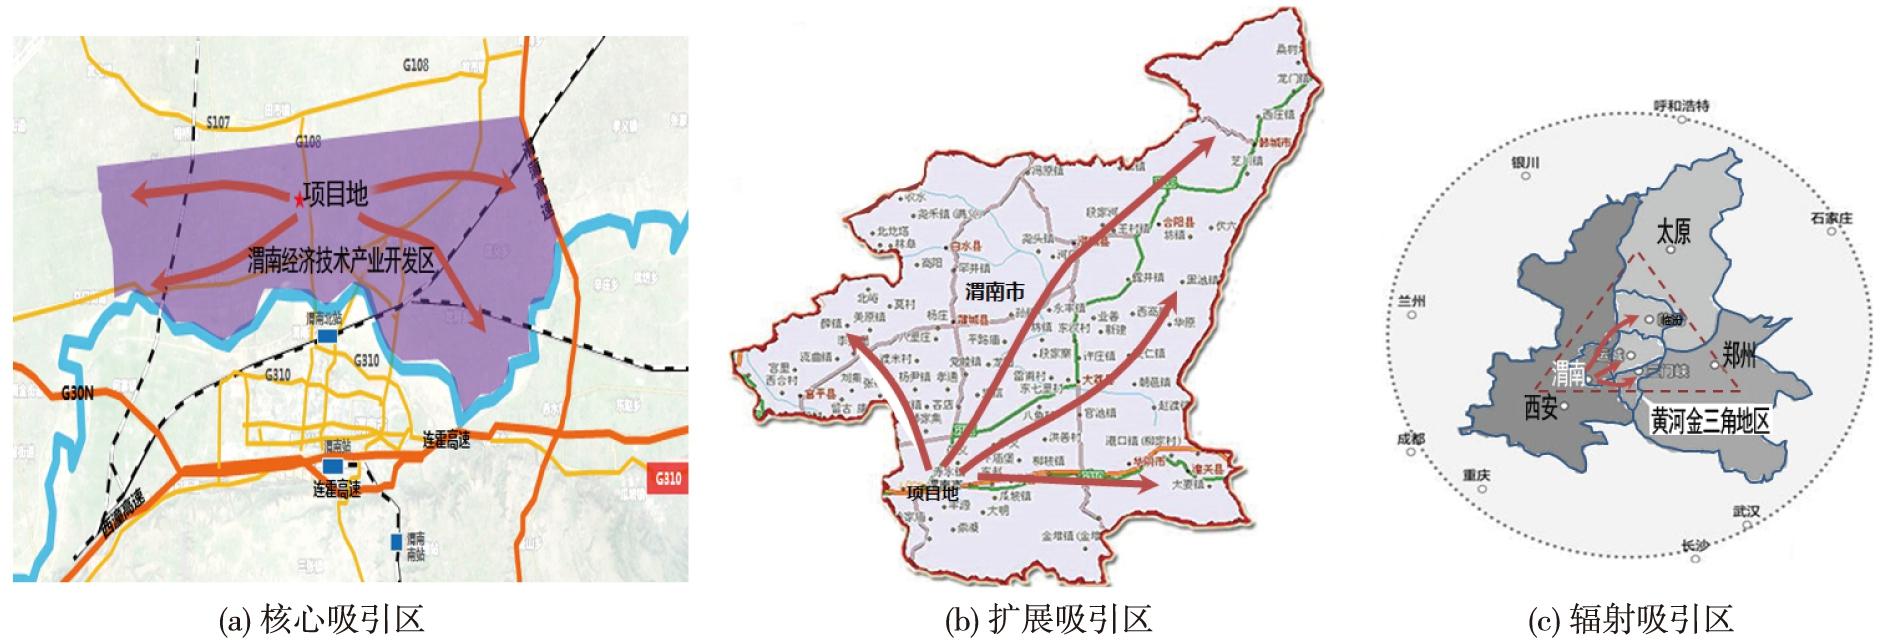 在城市发展层面,未来渭南将依托关中-天水经济区,黄河金三角合作区